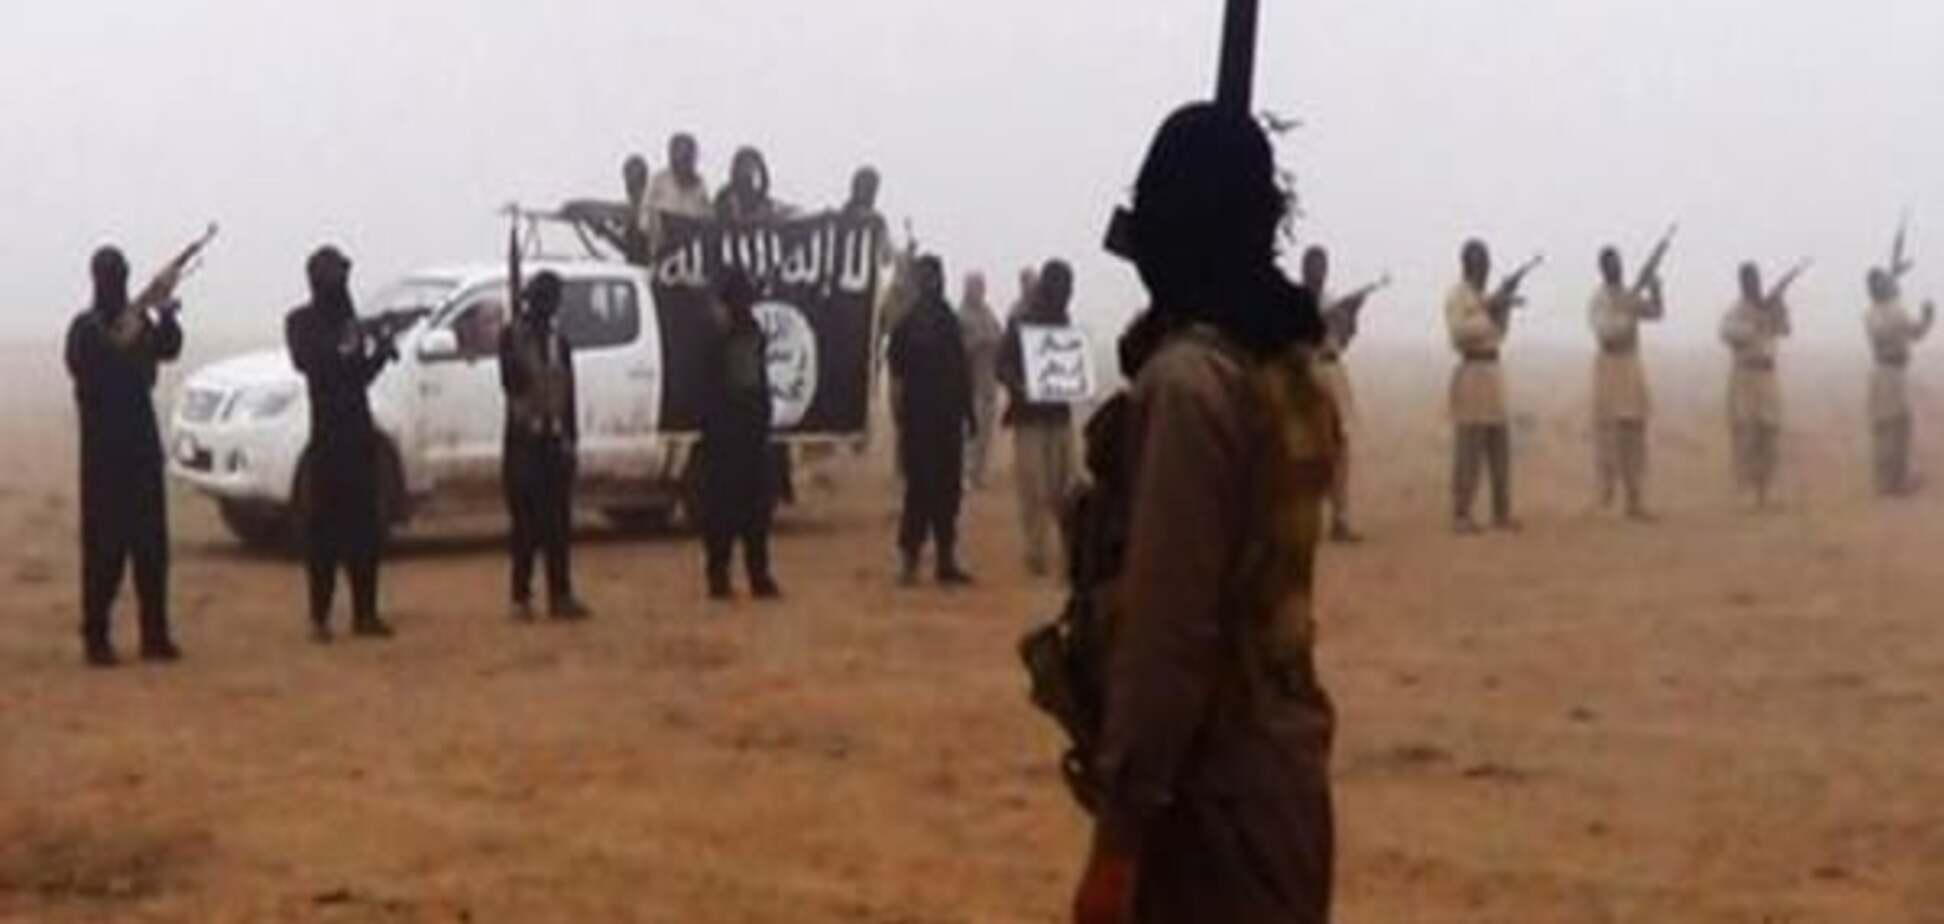 США направлять спецпідрозділи до Іраку для боротьби з 'Ісламською державою'